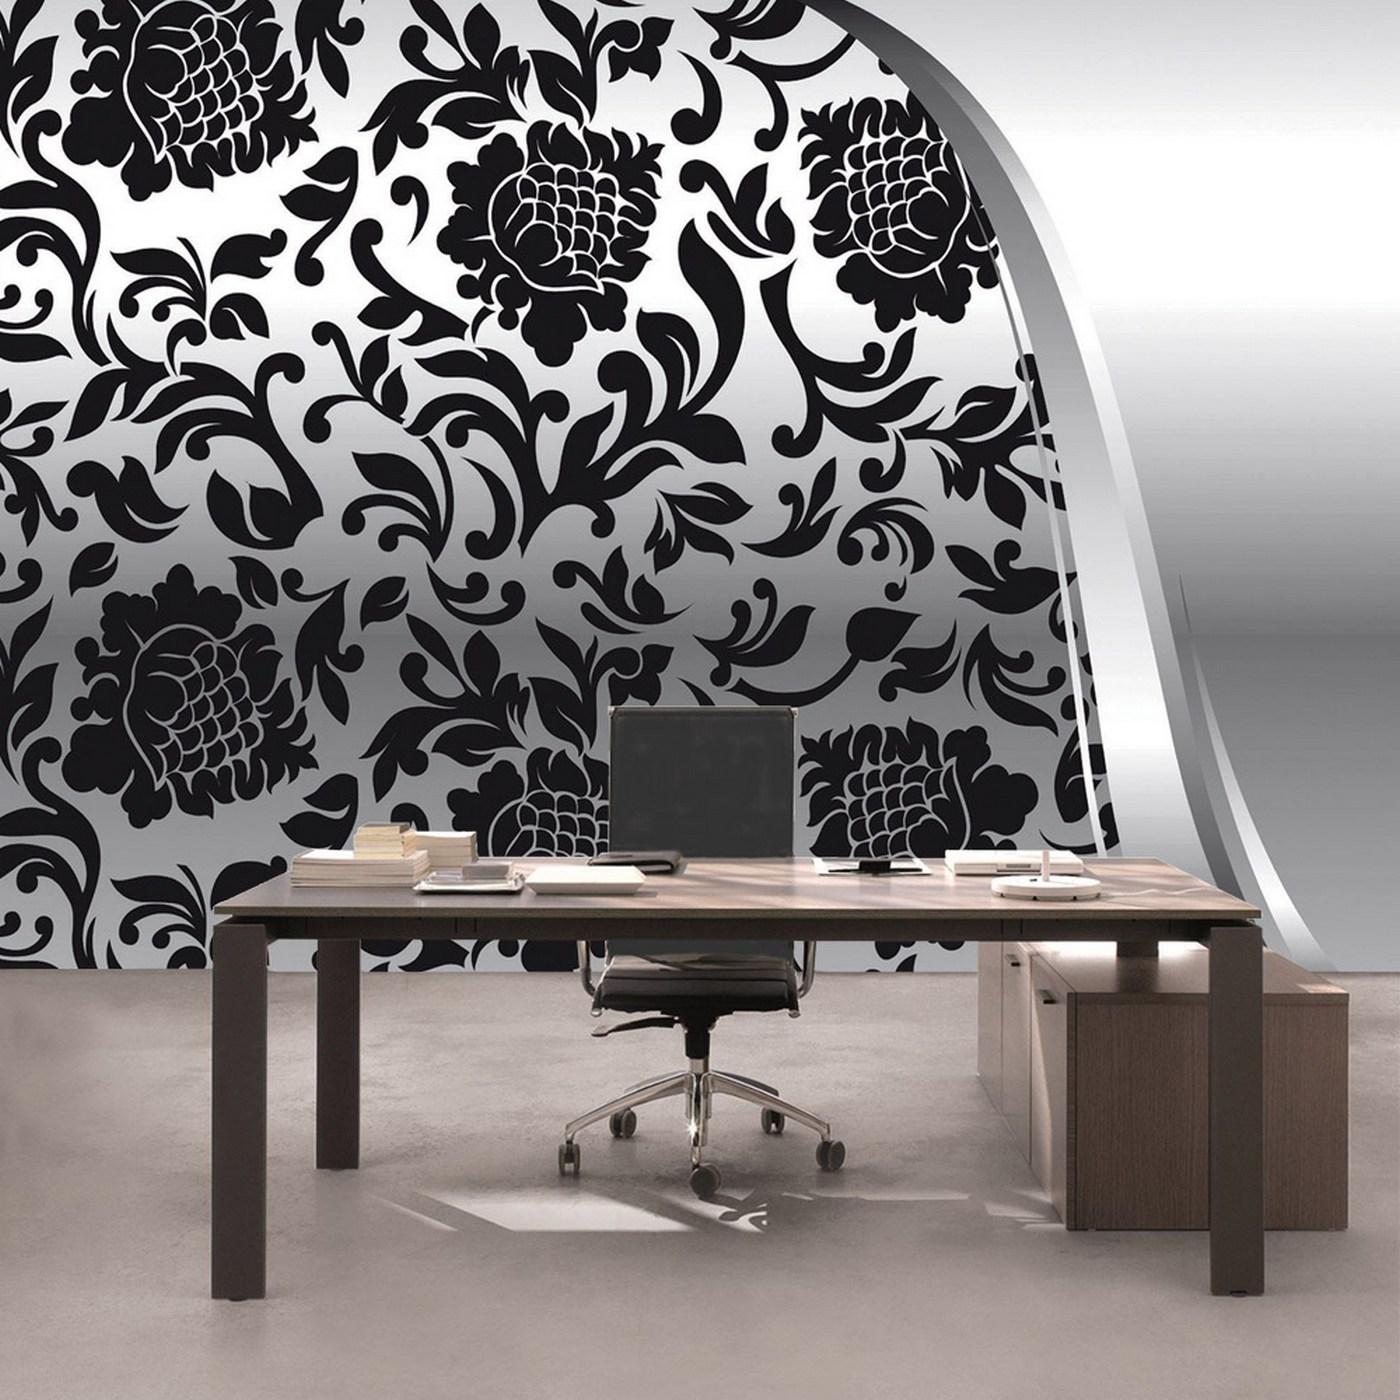 Vlies Fototapete 275 - Ornamente Tapete Ornamente Elegant Barock  schwarz-weiß Grau Blumig Wohnzimmer schwarz - weiß